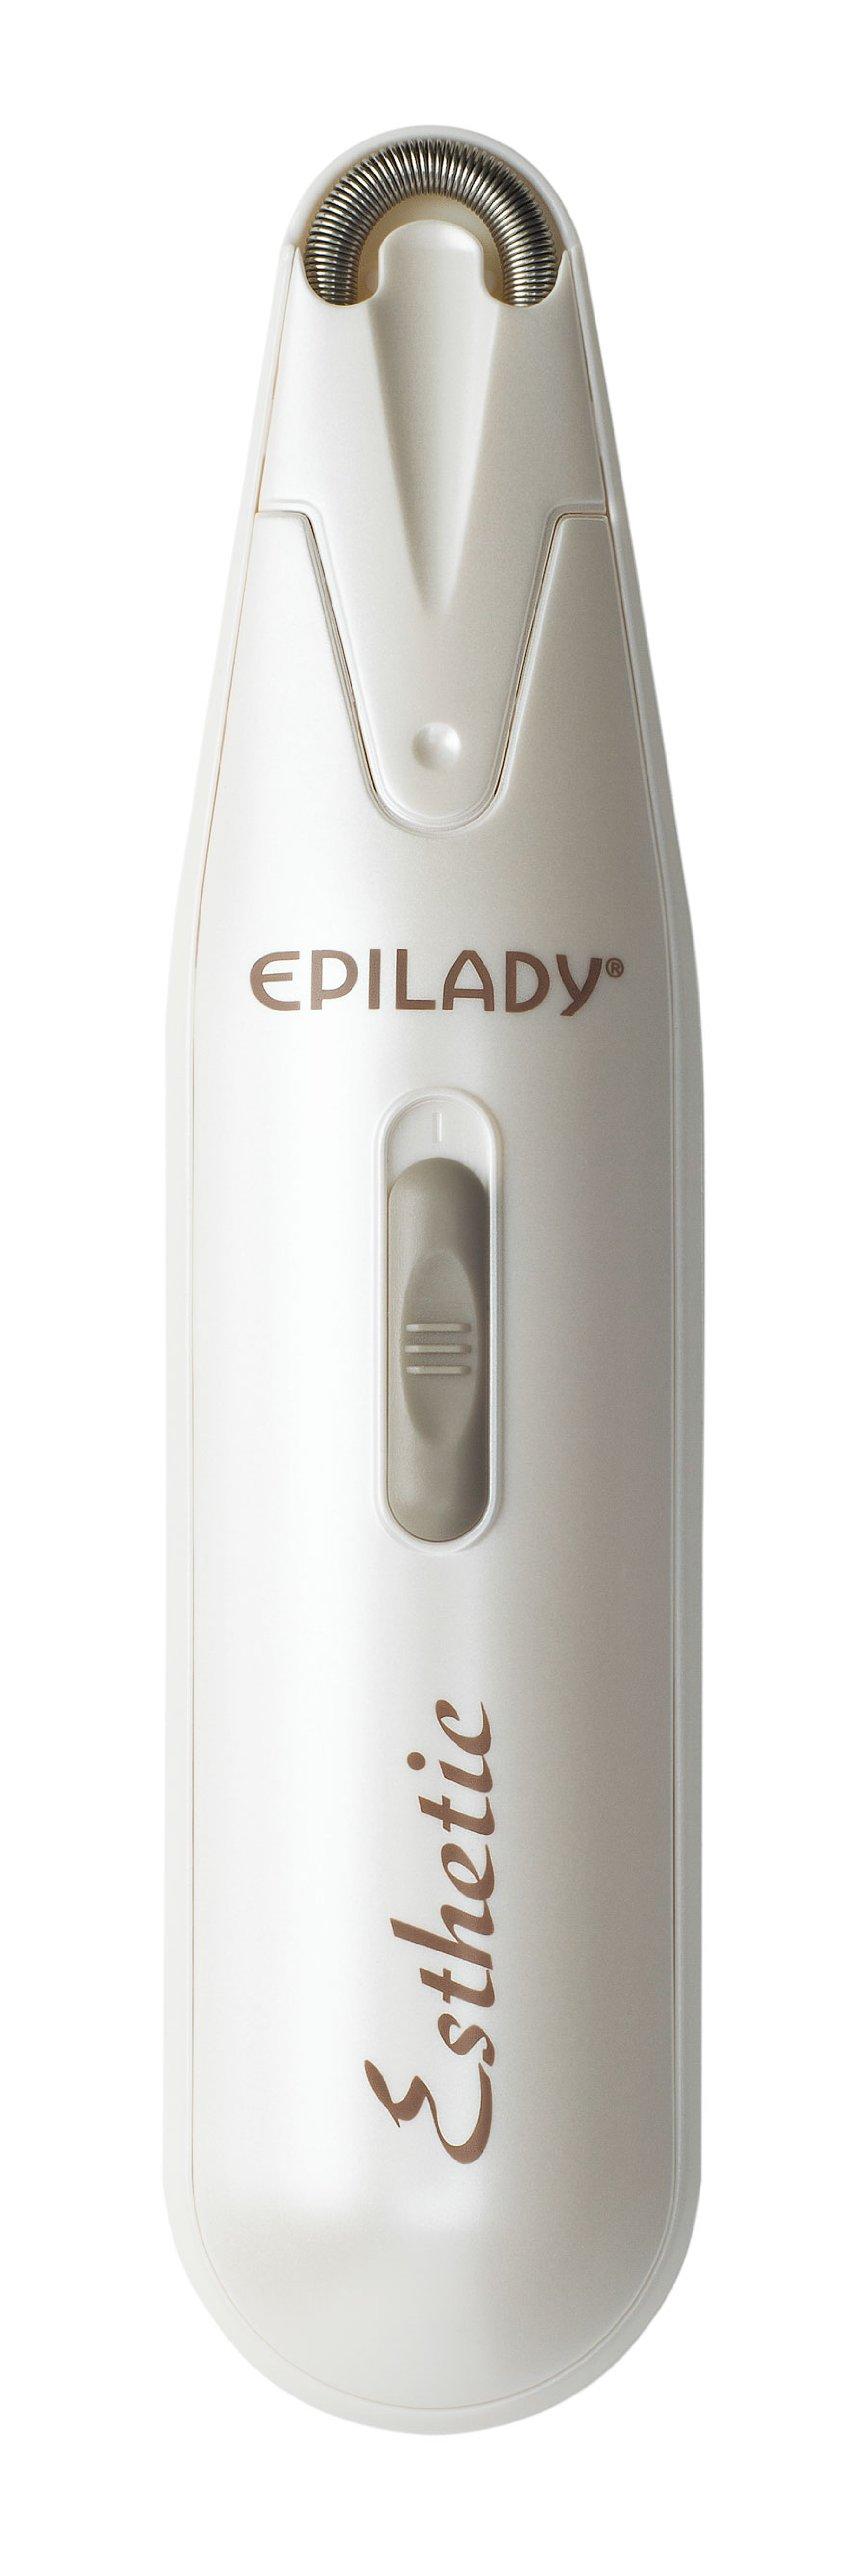 Epilady Esthetic - Delicate Facial Epilator